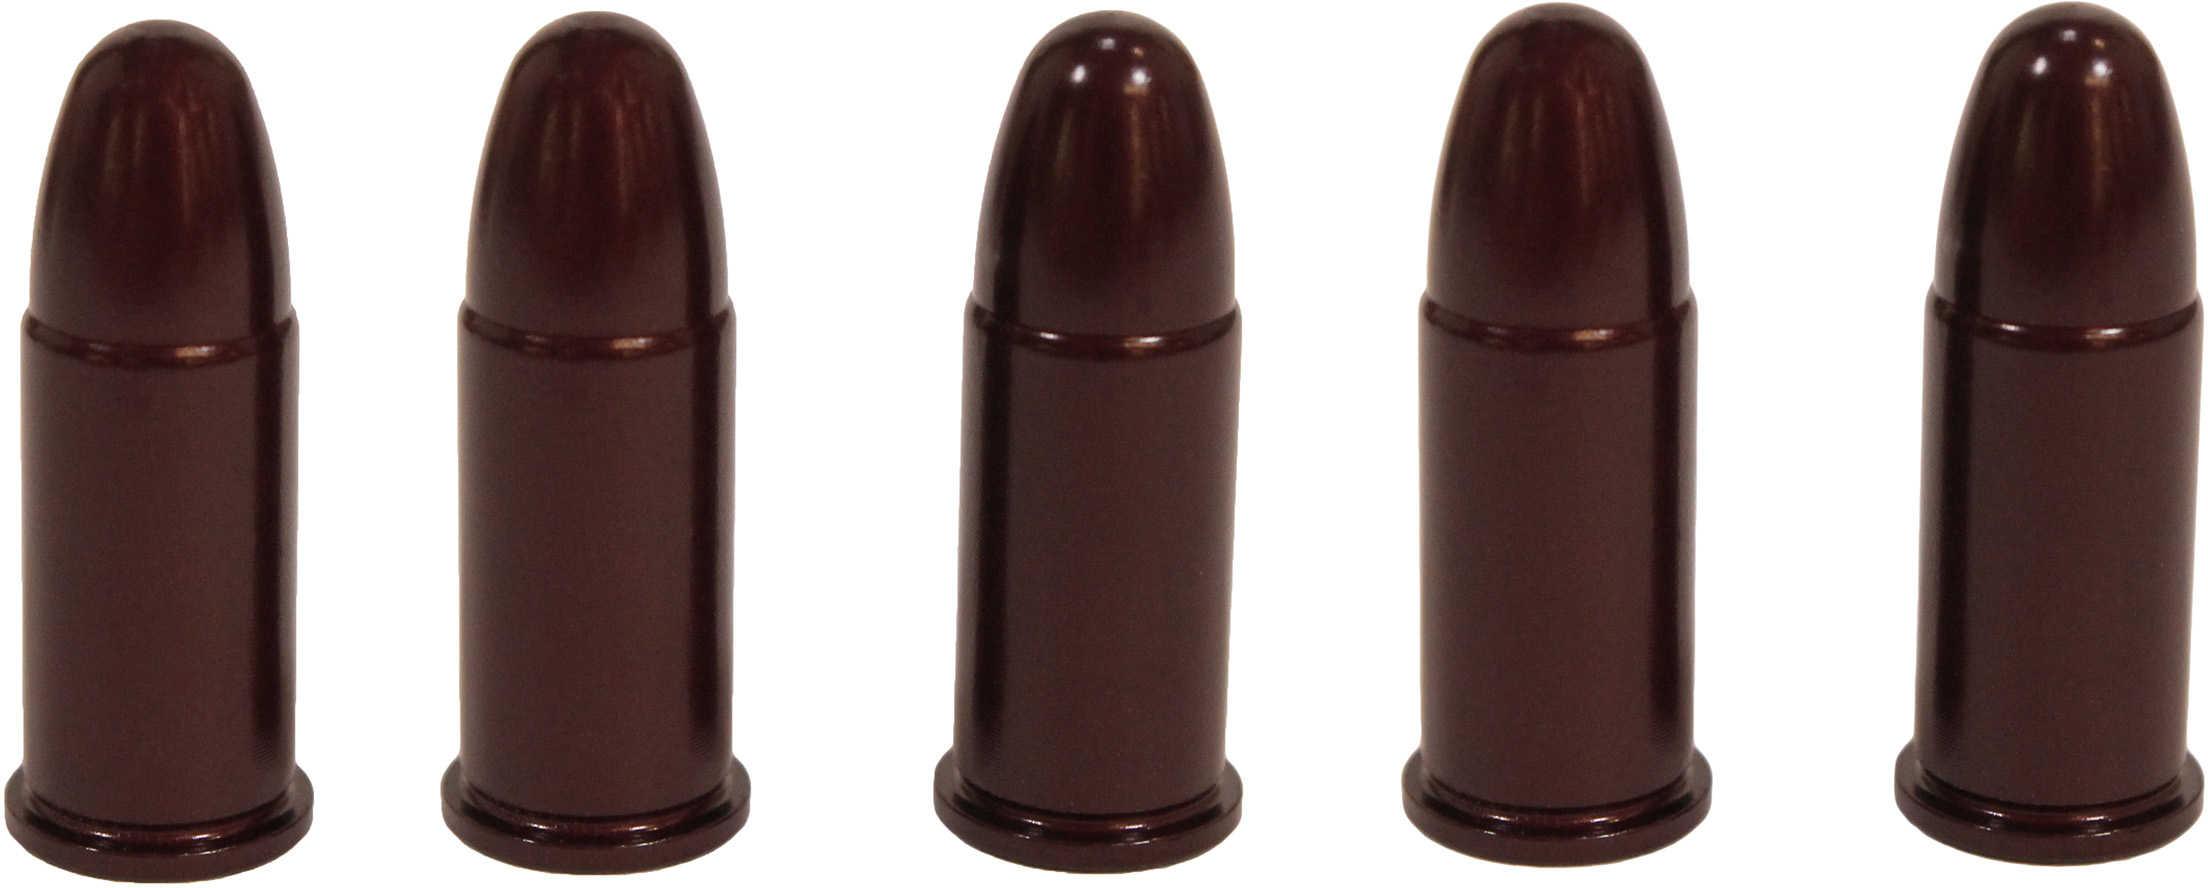 A-Zoom Revolver Metal Snap Caps 38 S&W (Per 6) 16125